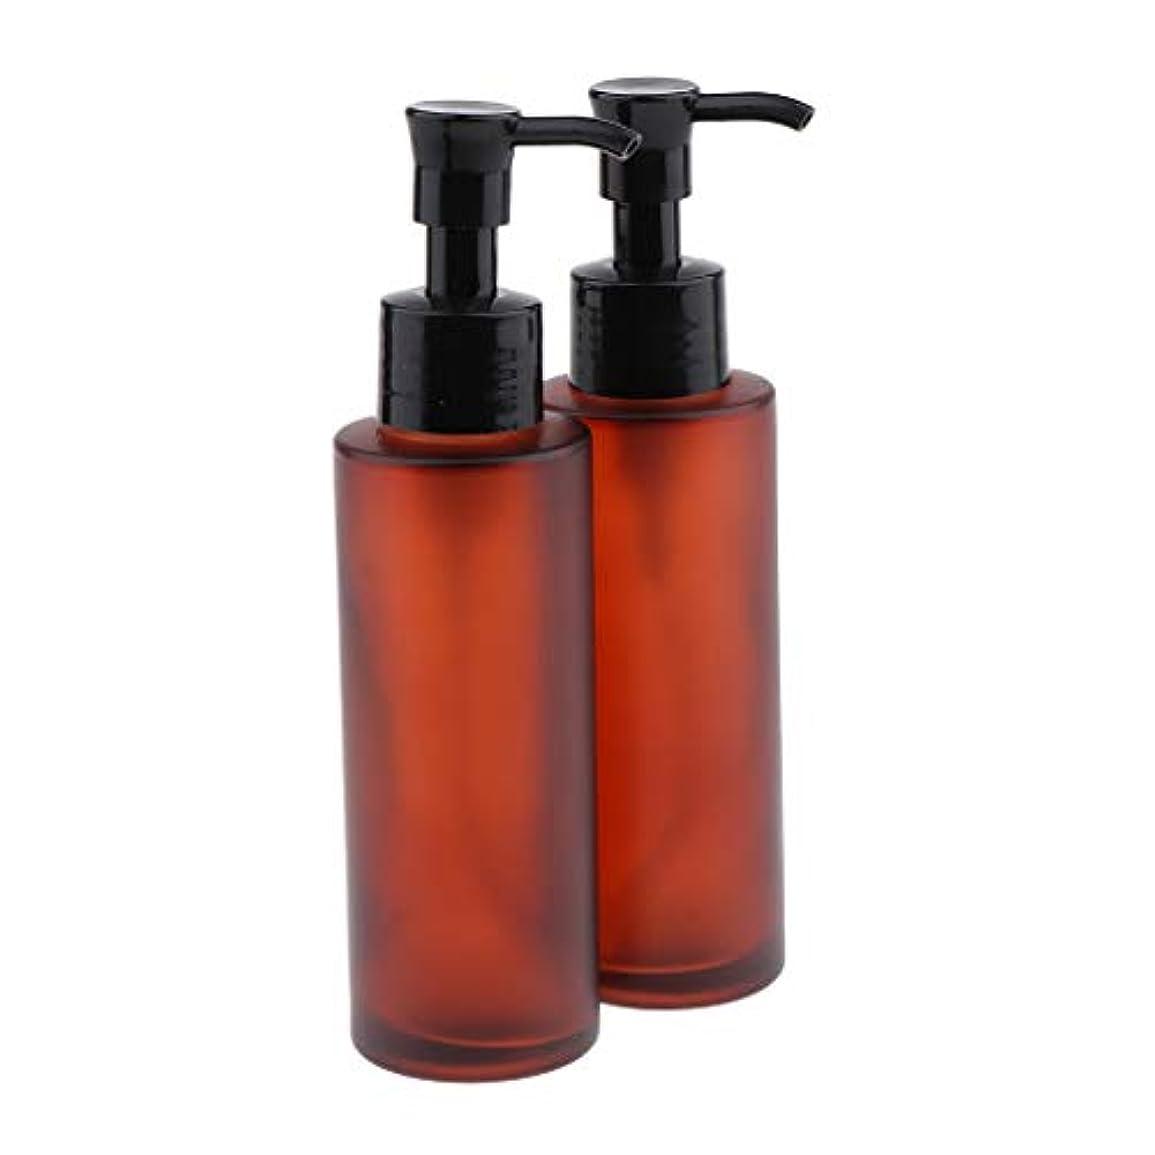 観察改修ゴミ2本 スプレーポンプボトル 化粧品 ローション ガラスボトル 小分け容器 2サイズ選べ - 100ml